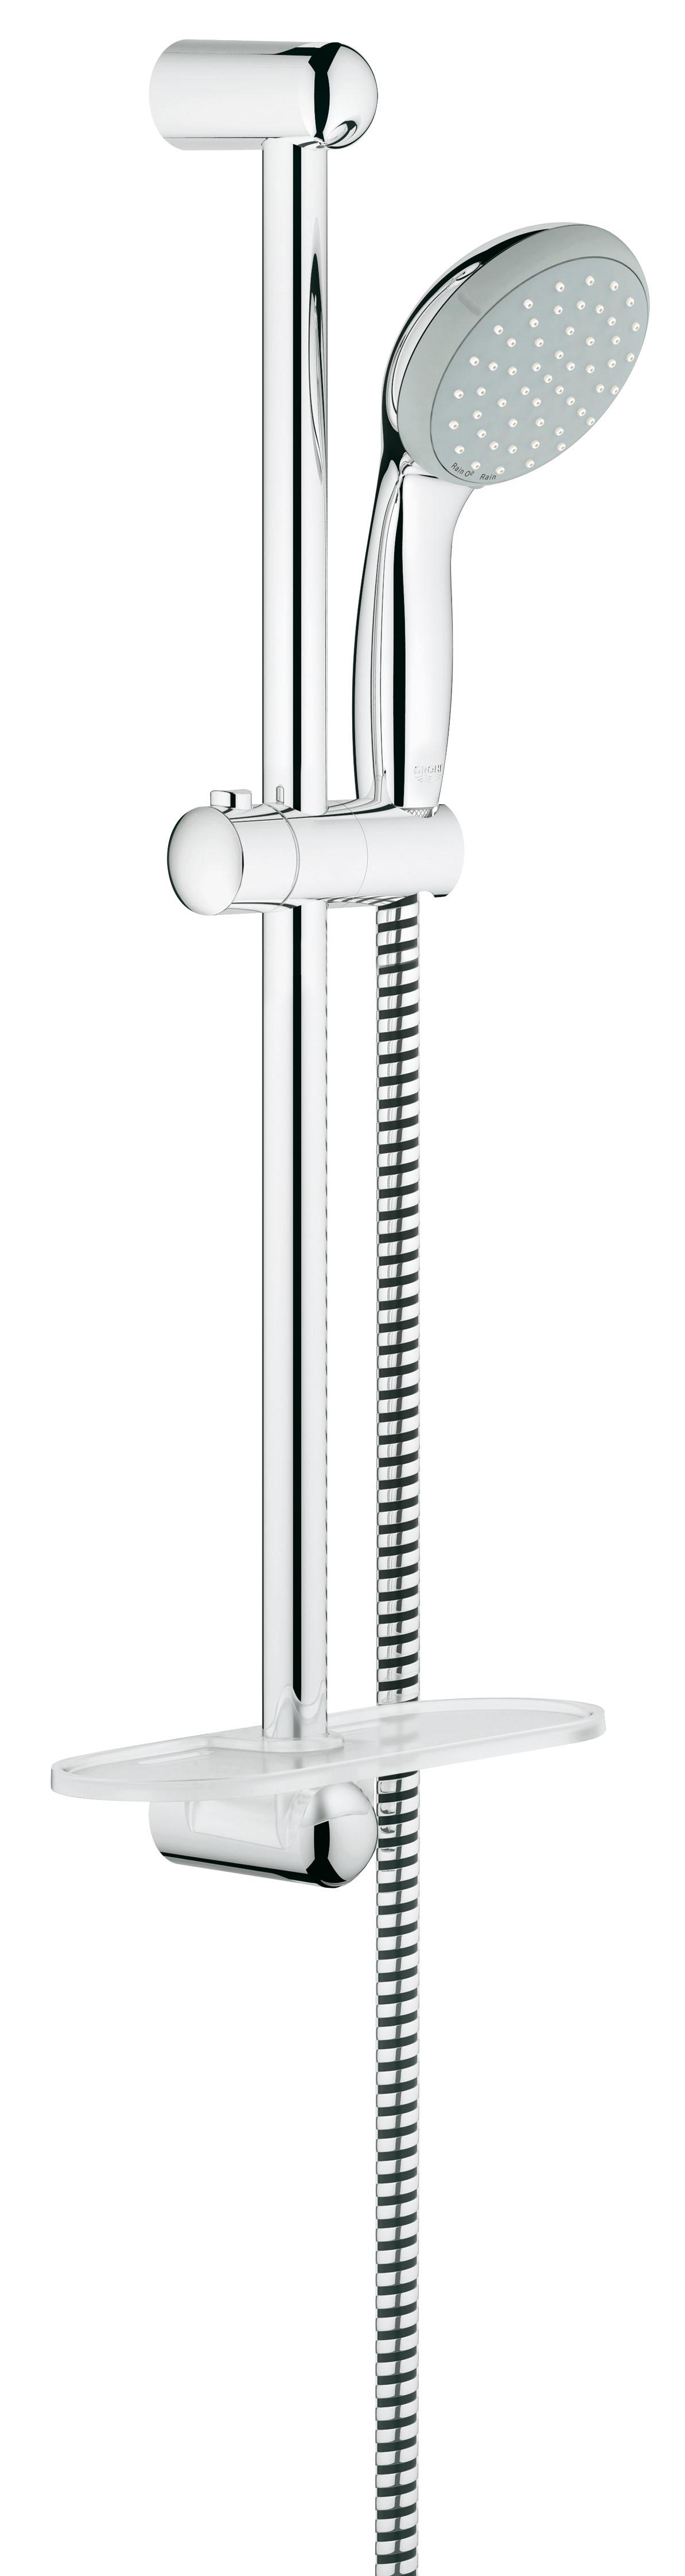 Душевой комплект с полочкой GROHE New Tempesta, штанга 600мм. (27926000)27926000Состоит из Ручной душ (27 597 00E) Душевая штанга, 600 мм (27 523 000) Душевой шланг Relexaflex 1750 мм 1/2? x 1/2? (28 154 000) Полочка GROHE EasyReach™ (27 596 000) GROHE DreamSpray превосходный поток воды GROHE CoolTouch GROHE StarLight хромированная поверхность С системой SpeedClean против известковых отложений Внутренний охлаждающий канал для продолжительного срока службы ShockProof силиконовое кольцо, предотвращающее Повреждение поверхности при падении ручного душа Может использоваться с проточным водонагревателем Видео по установке является исключительно информационным. Установка должна проводиться профессионалами!